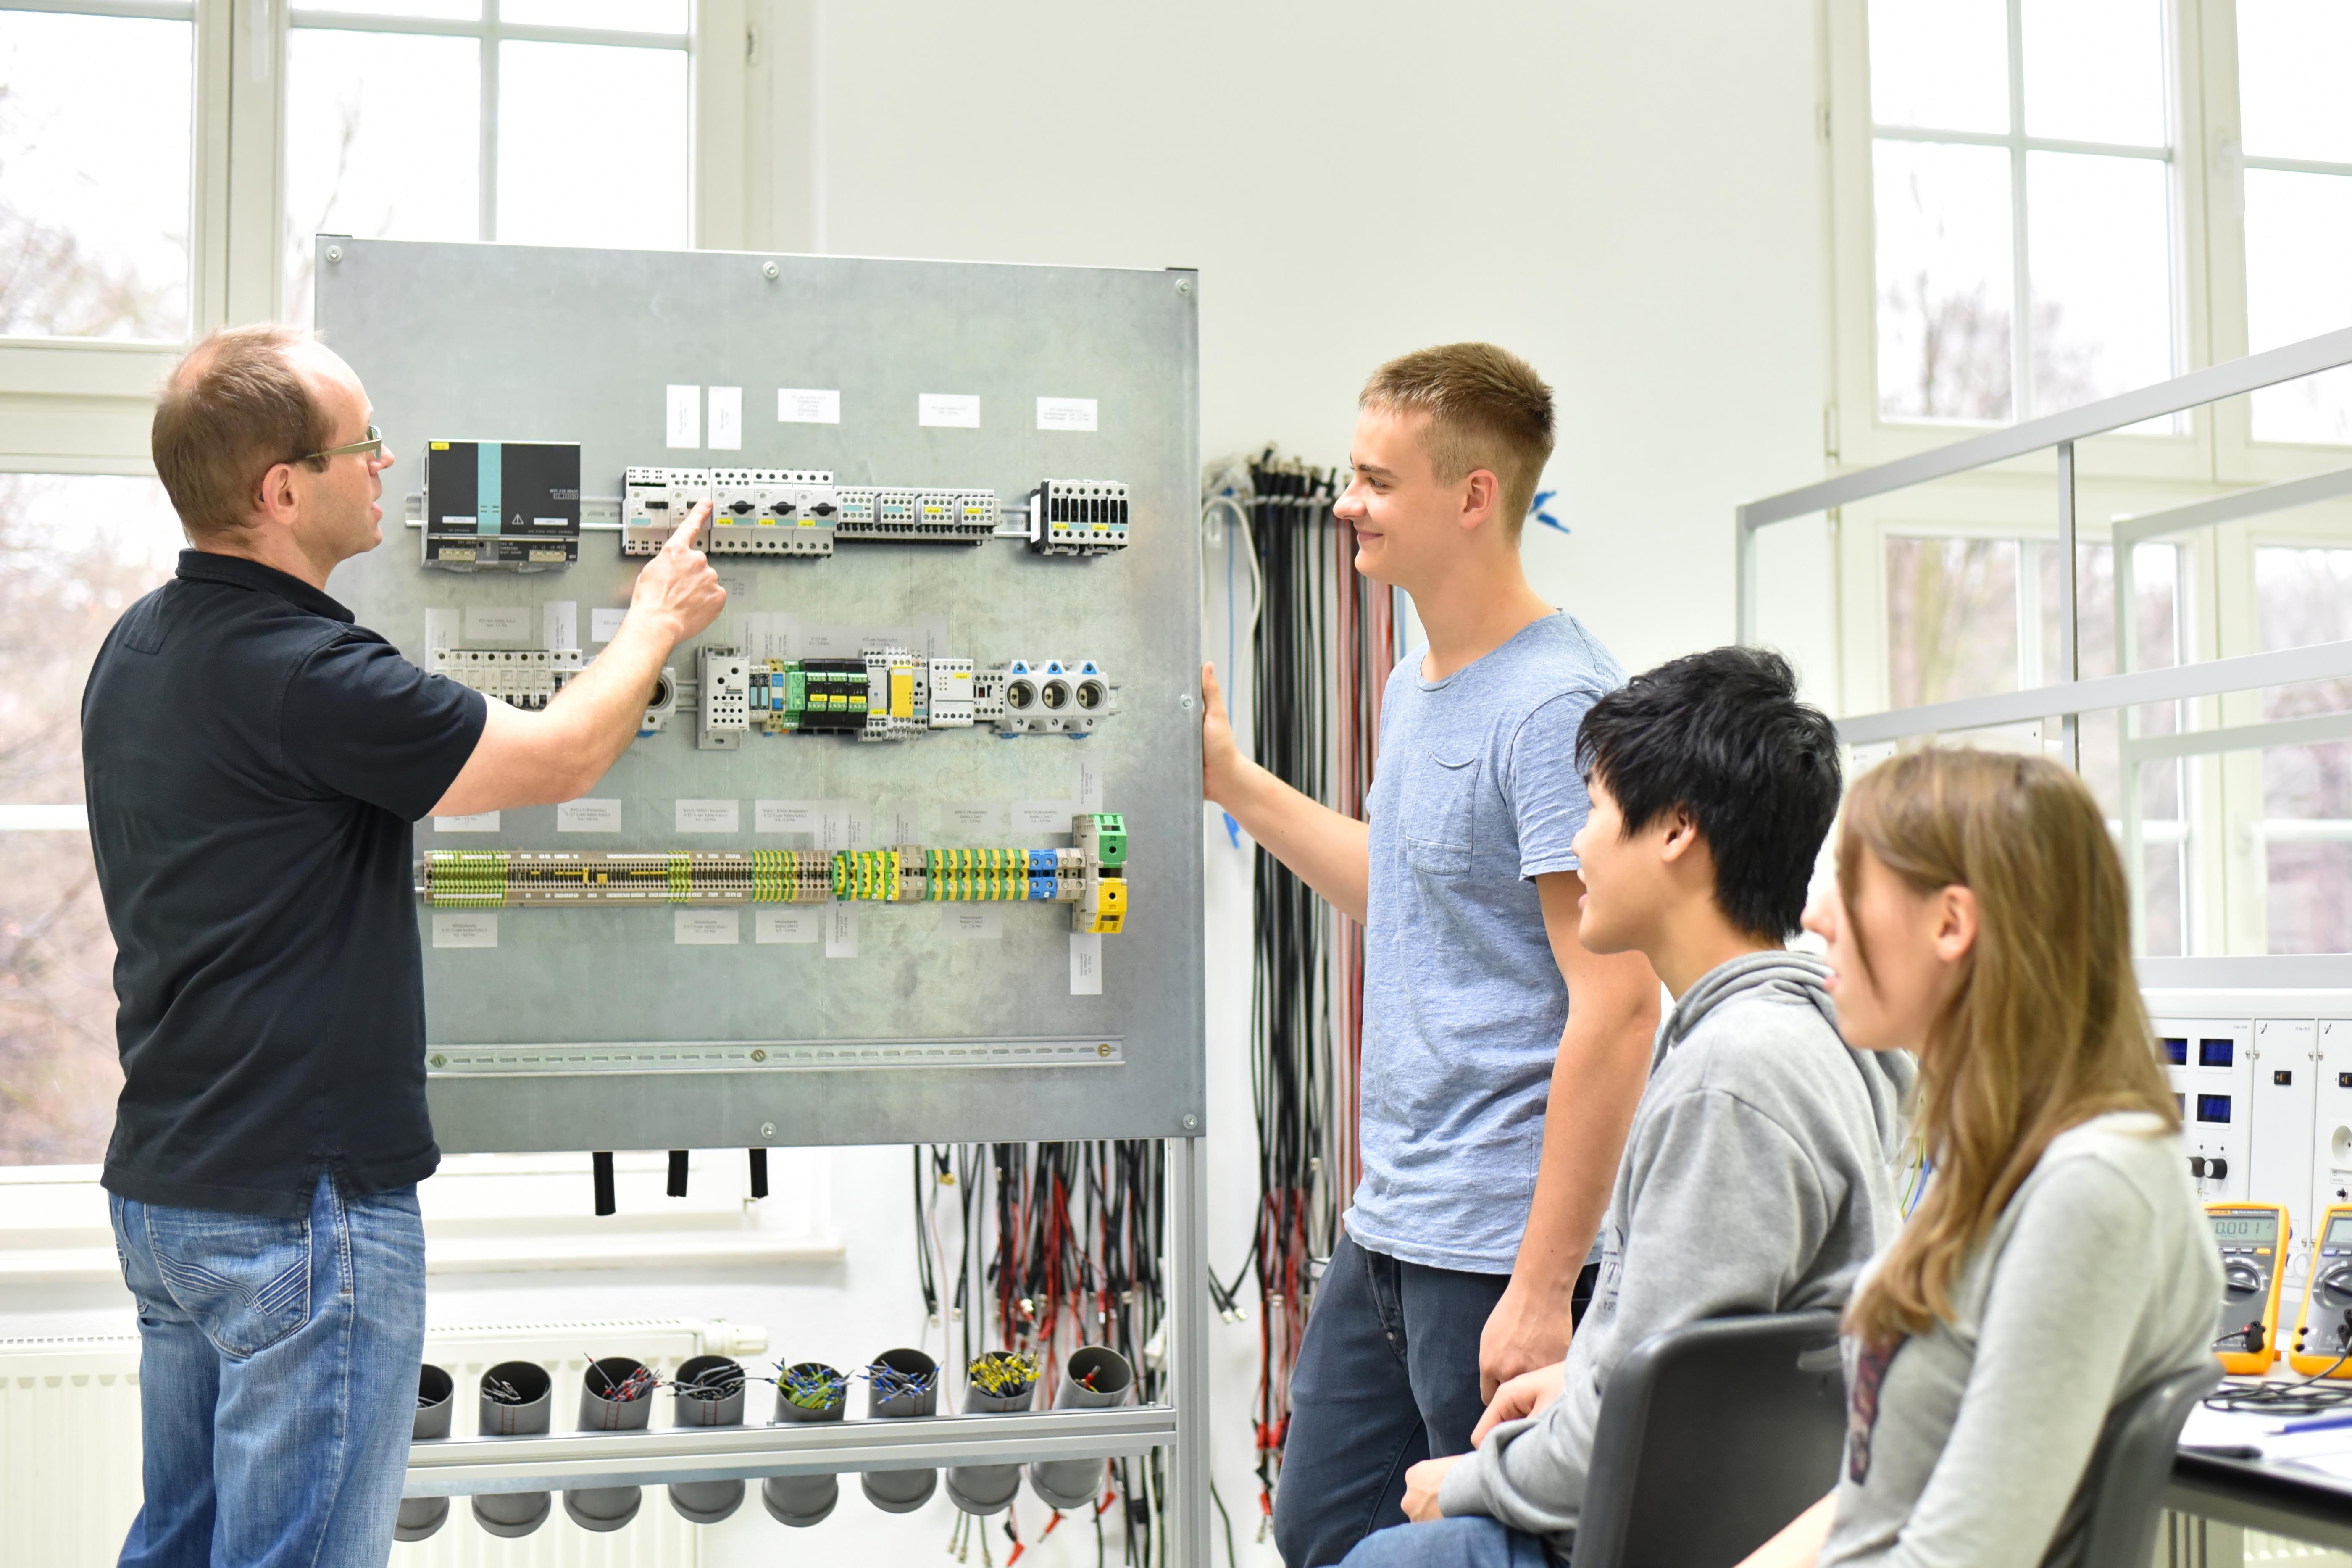 Manufacturing Workforce Training